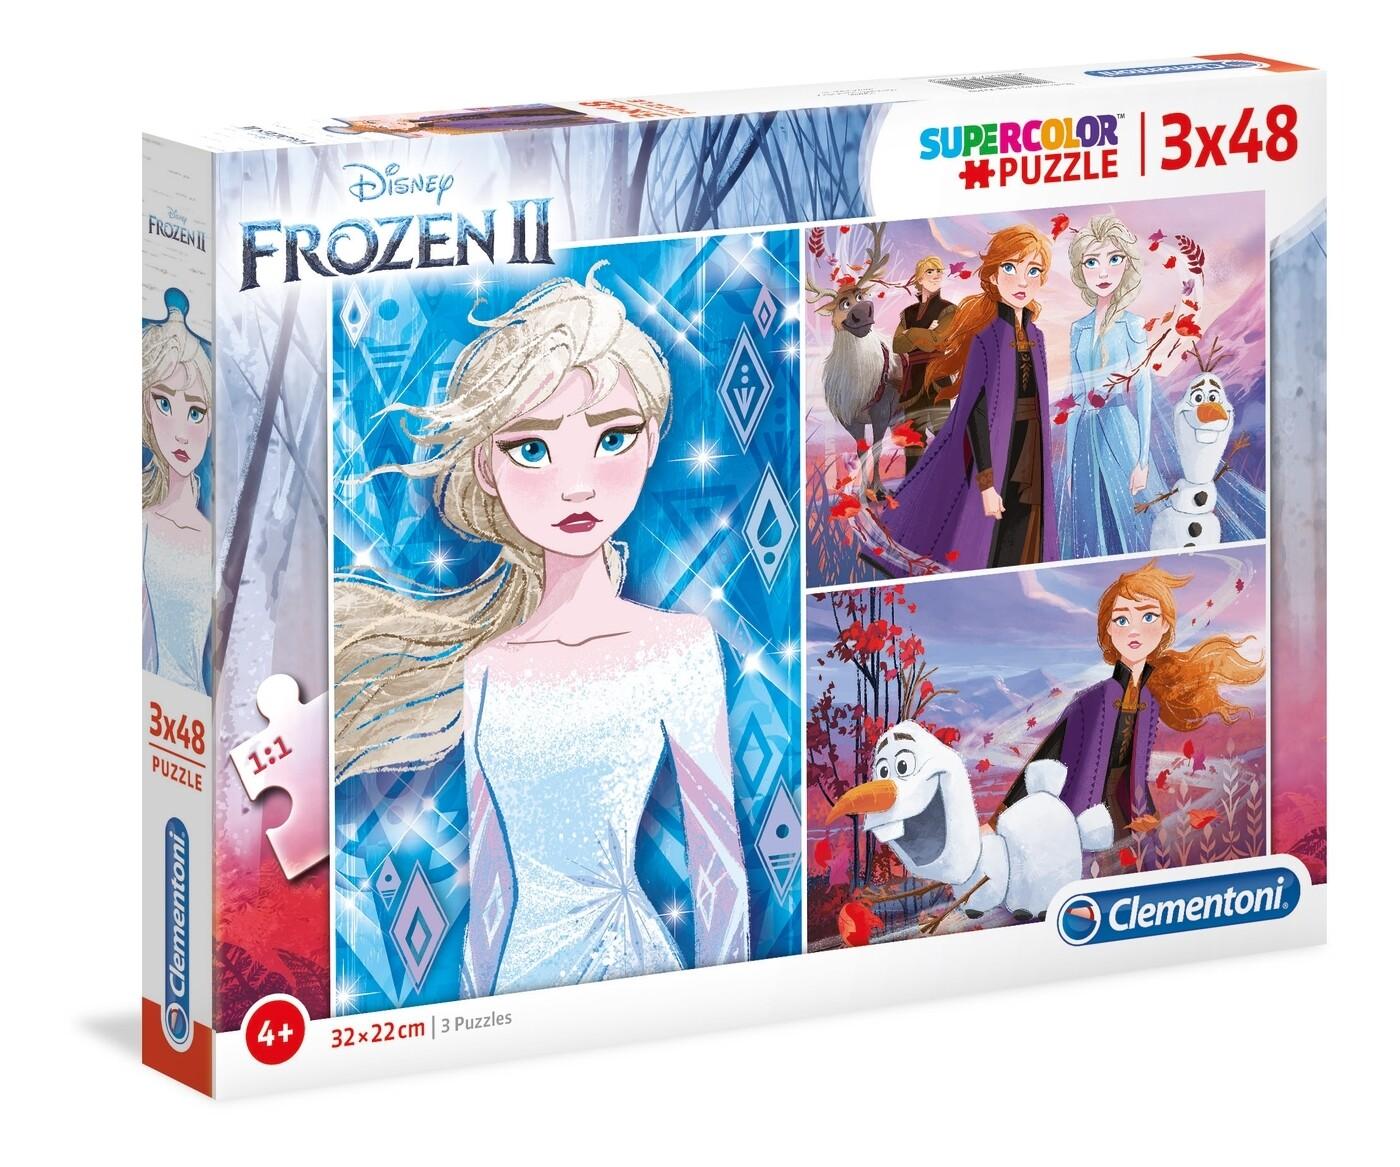 PUZZLE Frozen II - 3x48pcs - CLEMENTONI